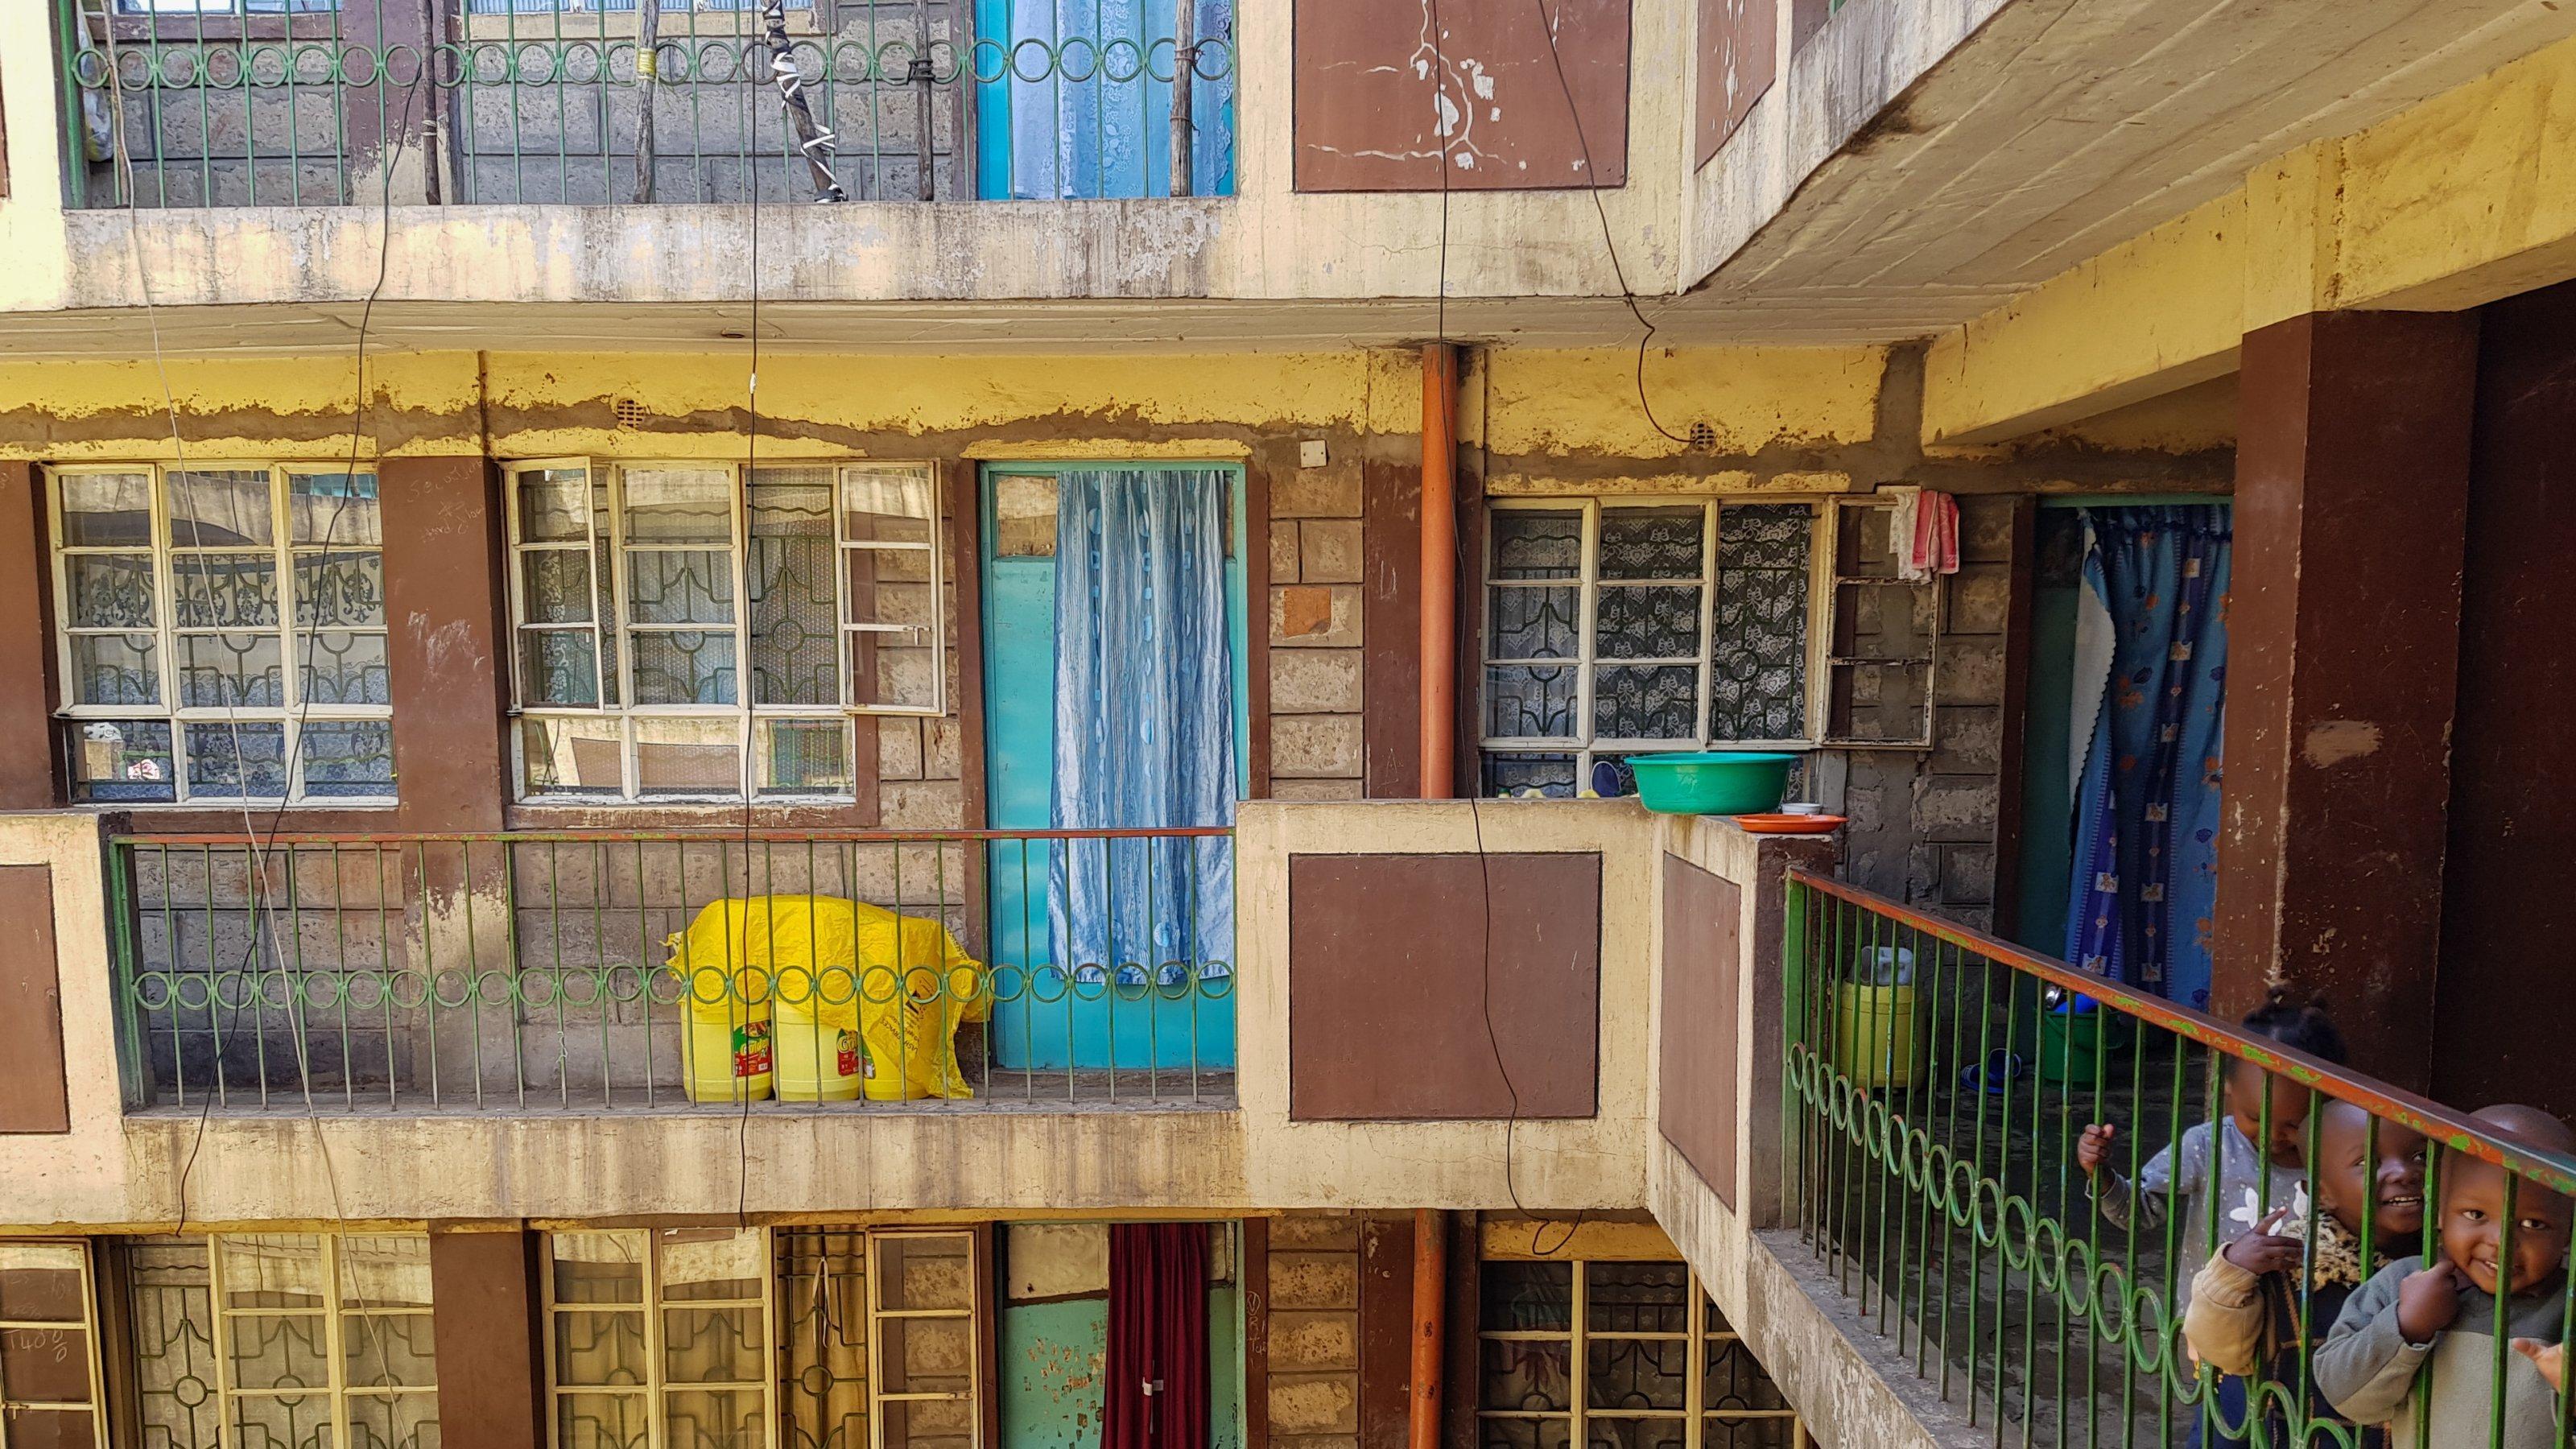 Aufnahme aus dem Innenhof eines Wohnblocks. Rechts am Geländer stehen drei Kinder, die in die Kamera lächeln.